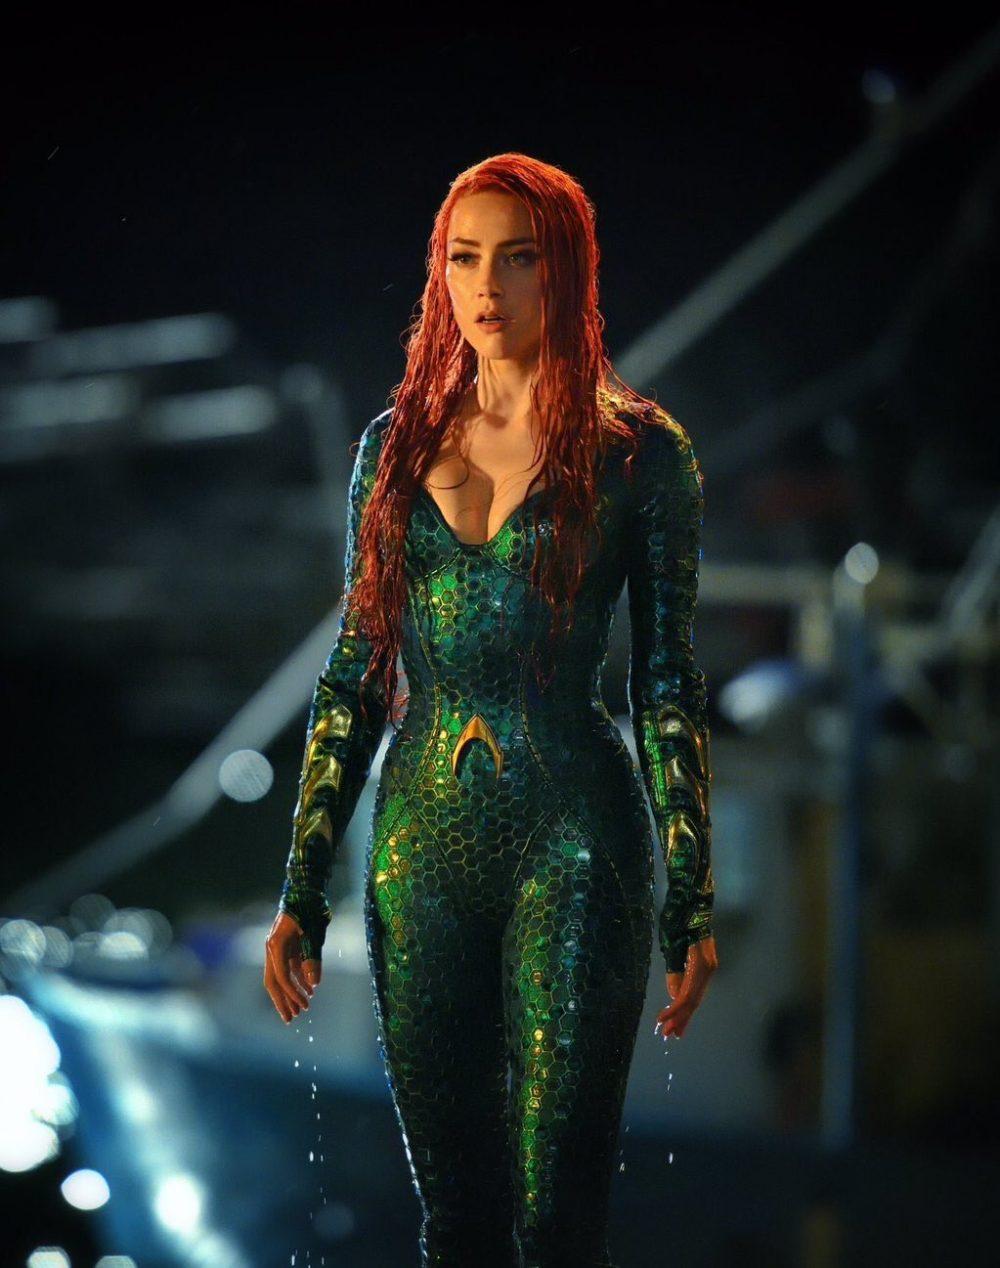 Aquaman: Ecco Amber Heard nei panni di Mera in una nuova immagine